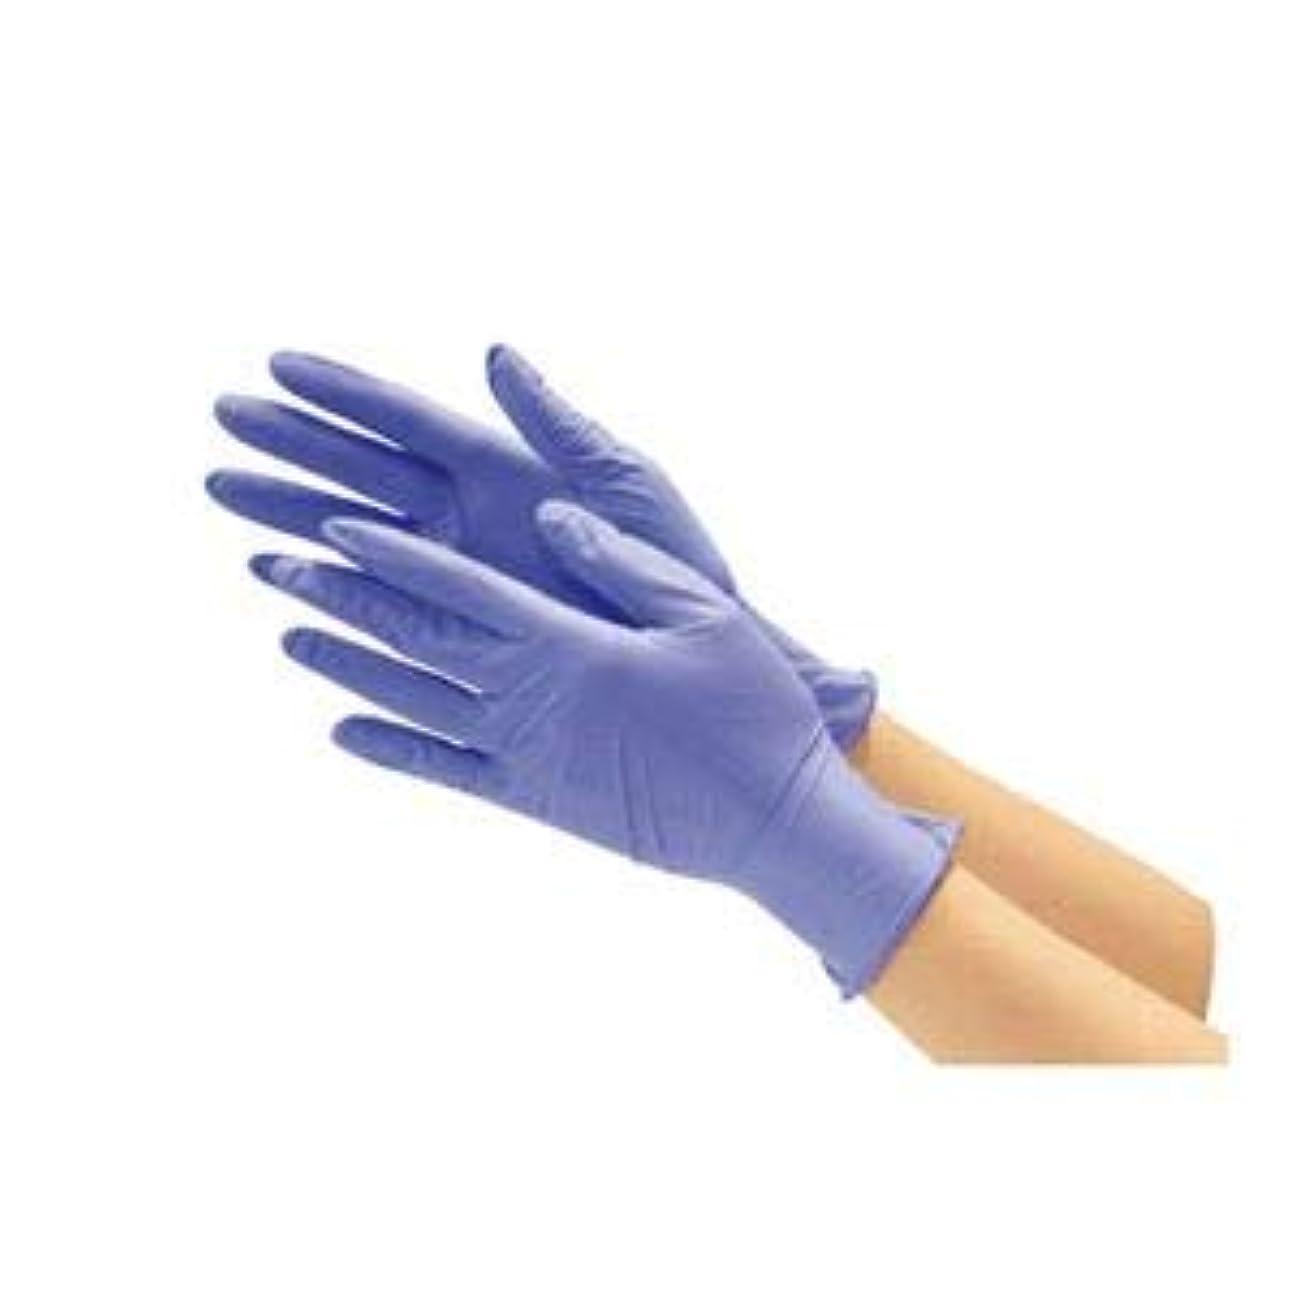 束ねるランクセールスマン川西工業 ニトリル使い切り手袋 ブルーL 10箱